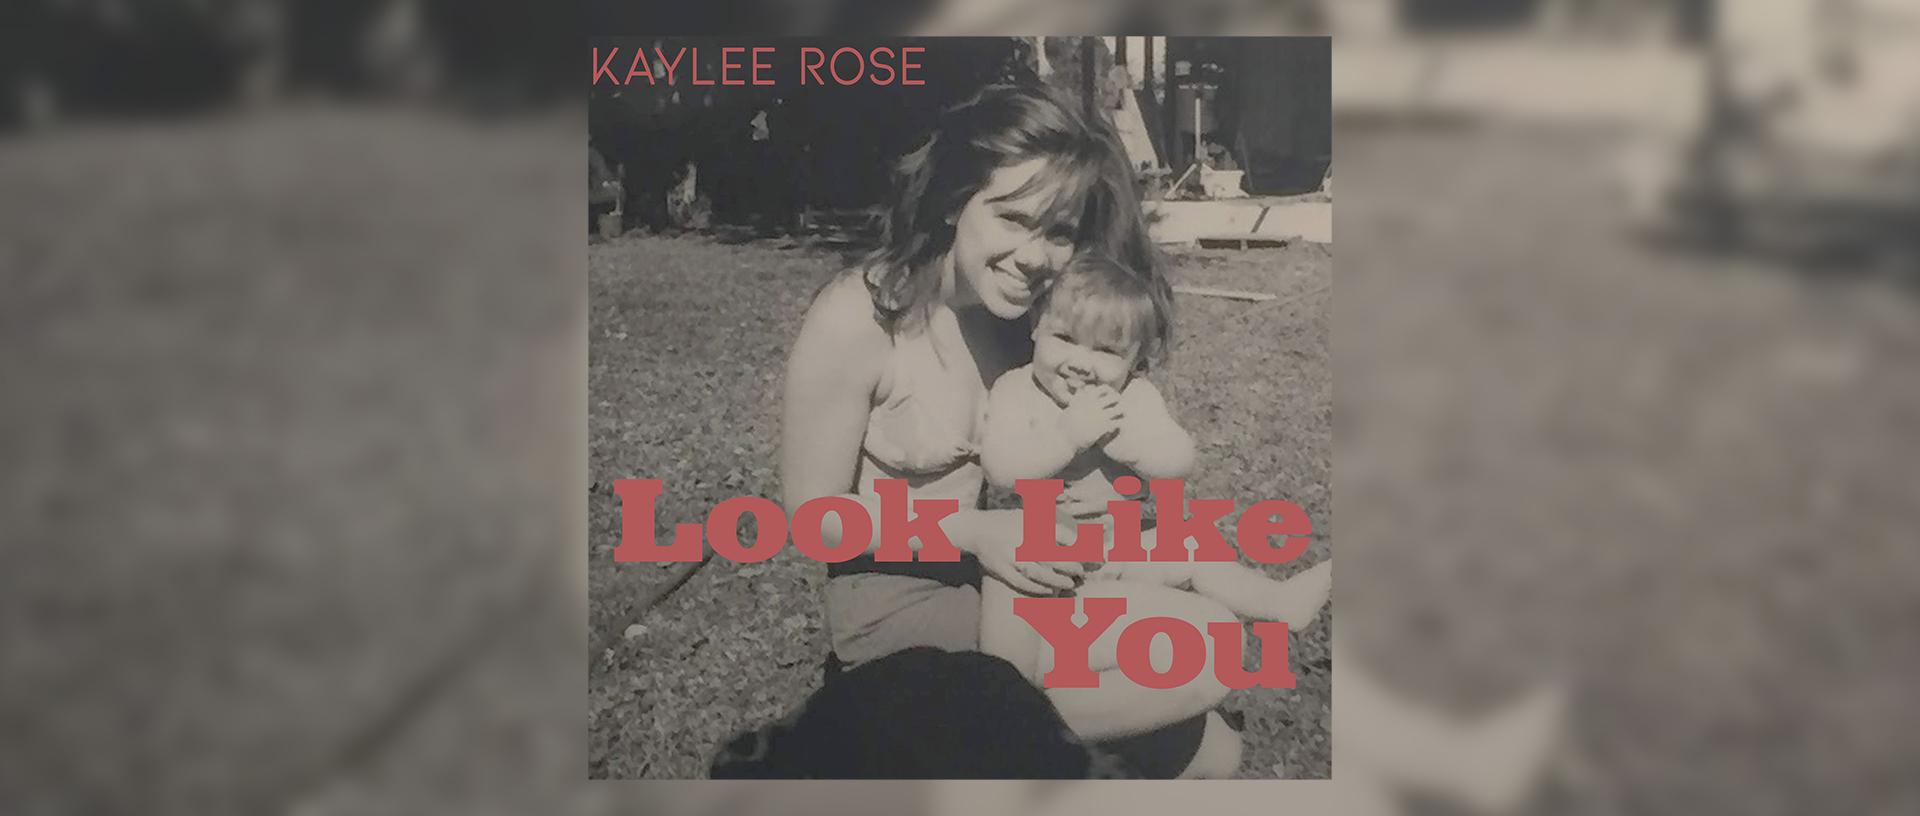 Kaylee Rose Look Like You Web Banner.jpg